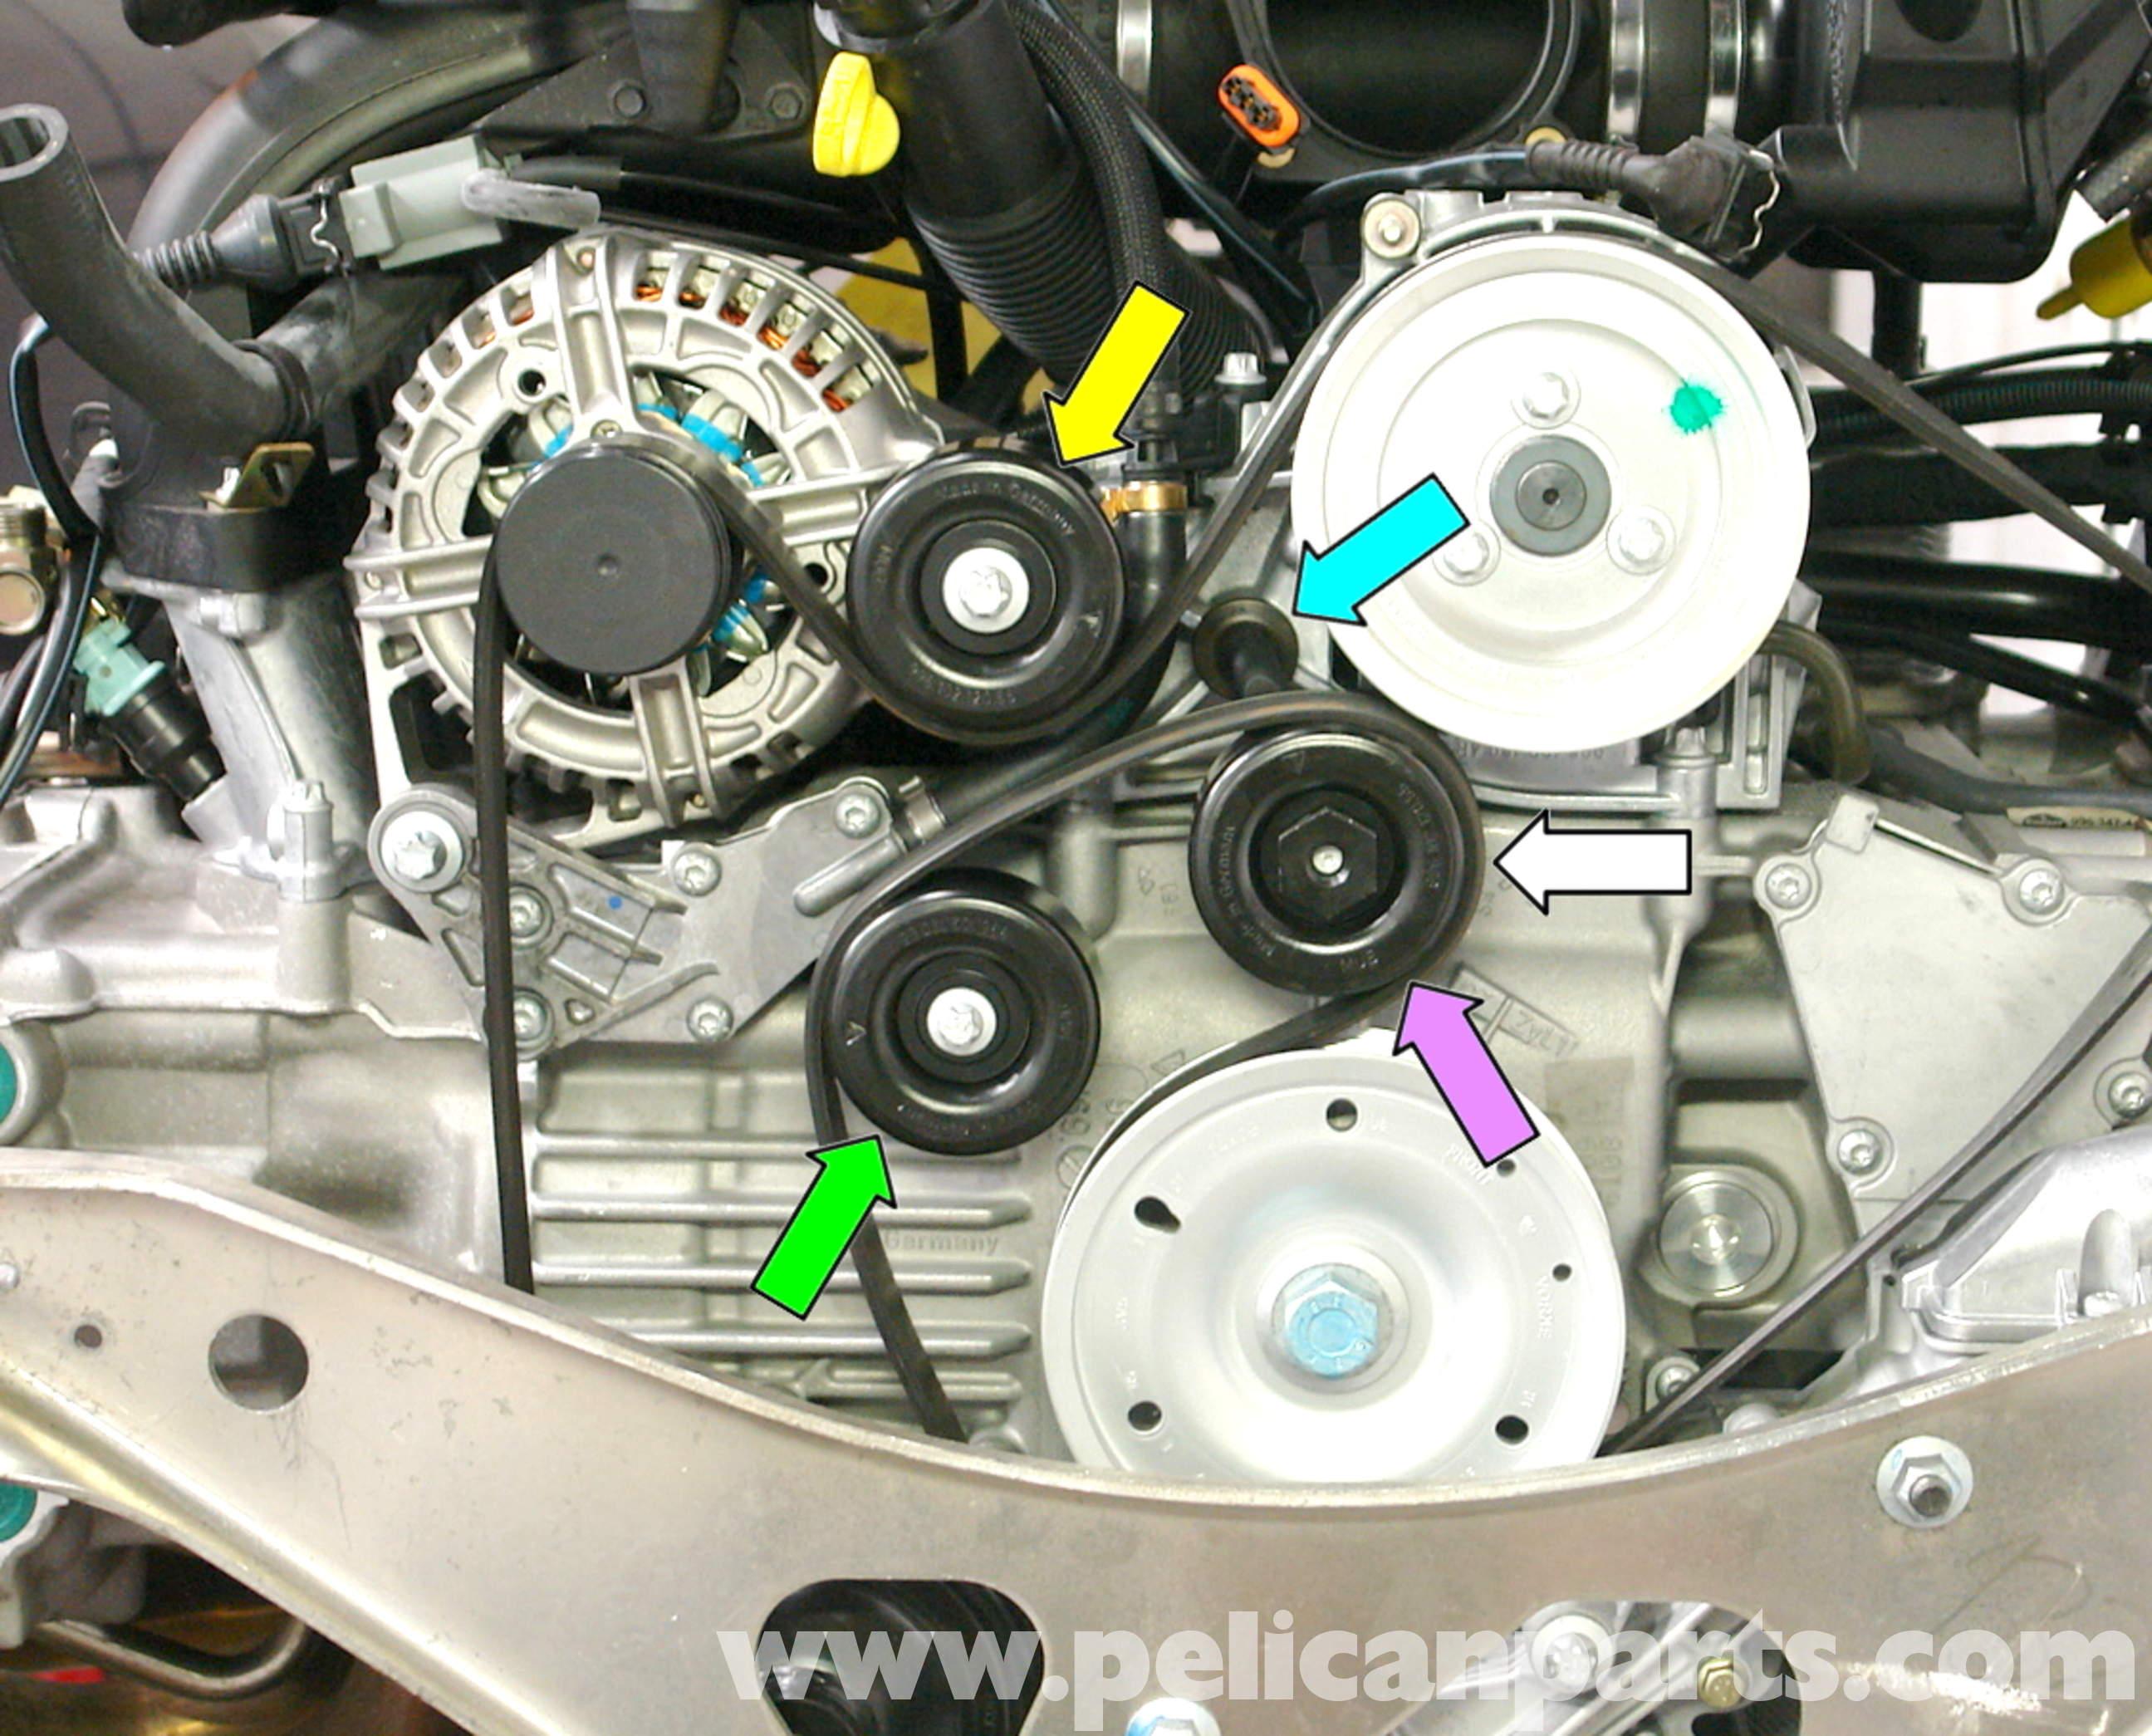 Porsche 911 Carrera Belt Tensioner Replacement 996 1998